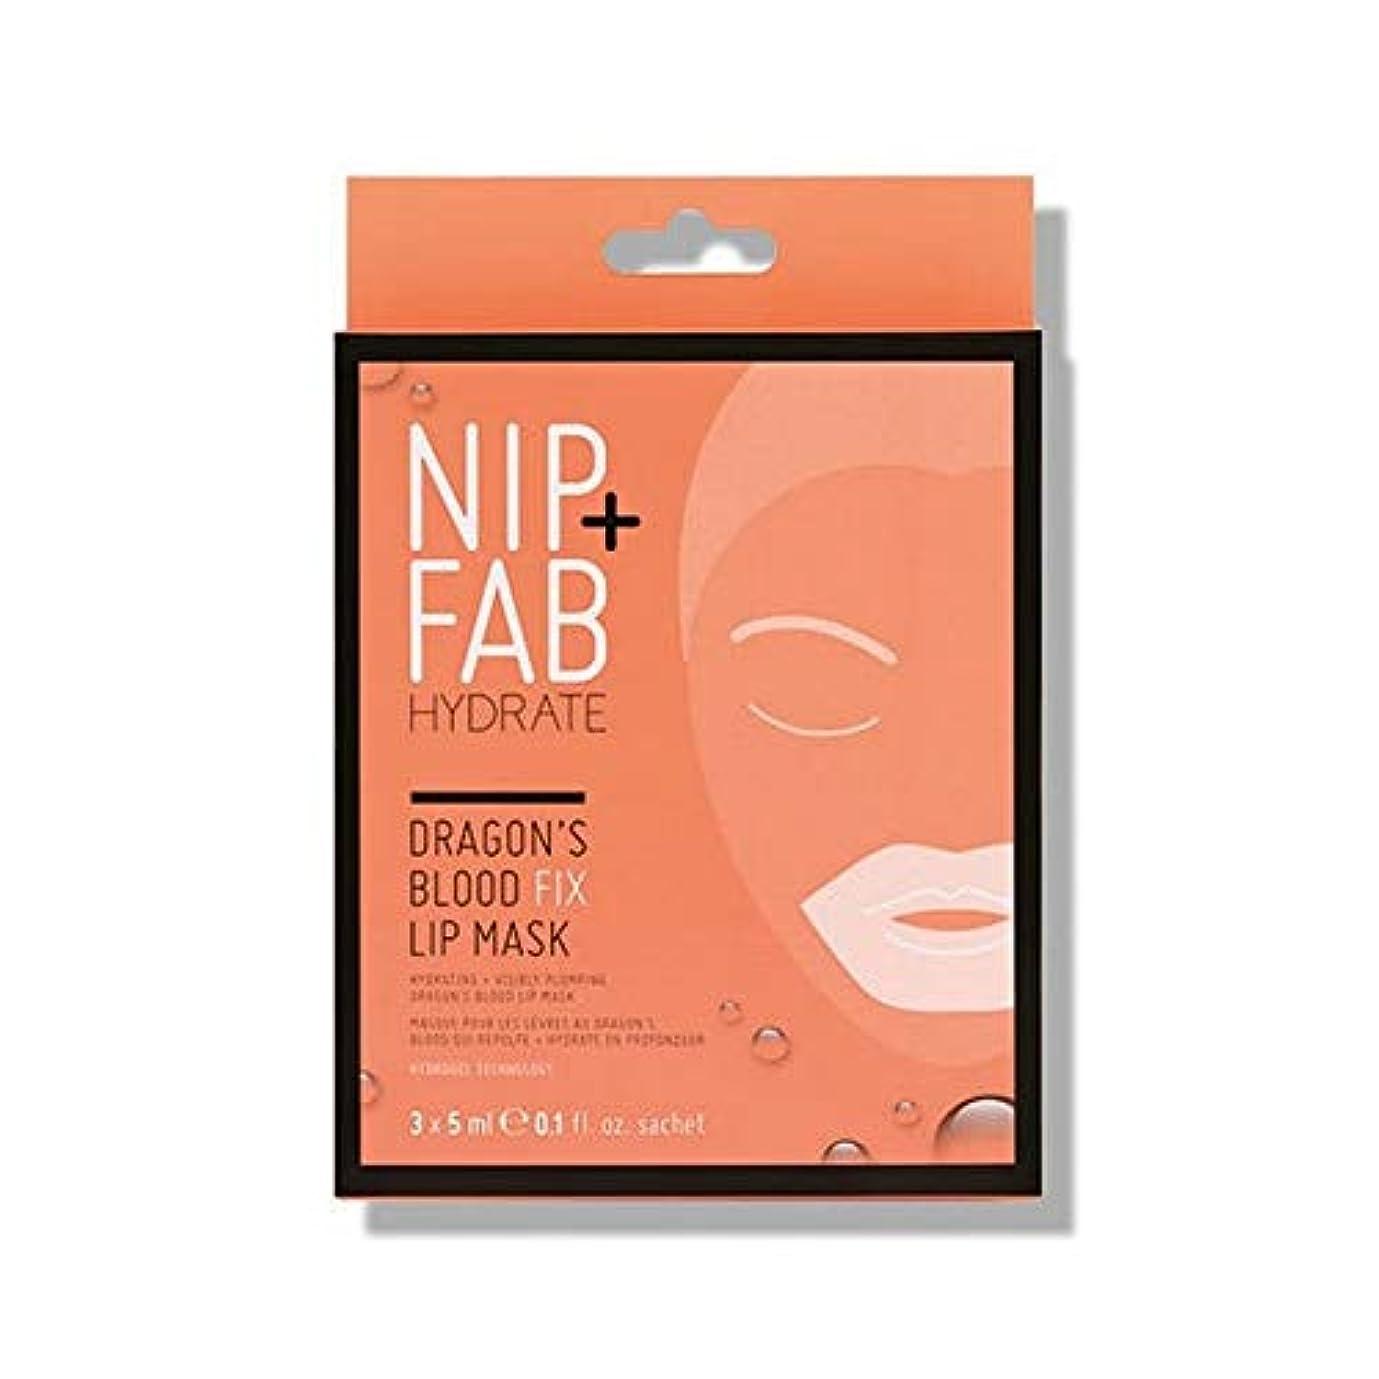 によると司書無意味[Nip & Fab ] + Fabドラゴンの血修正リップマスク5ミリリットルニップ - NIP+FAB Dragons Blood Fix lip Mask 5ml [並行輸入品]